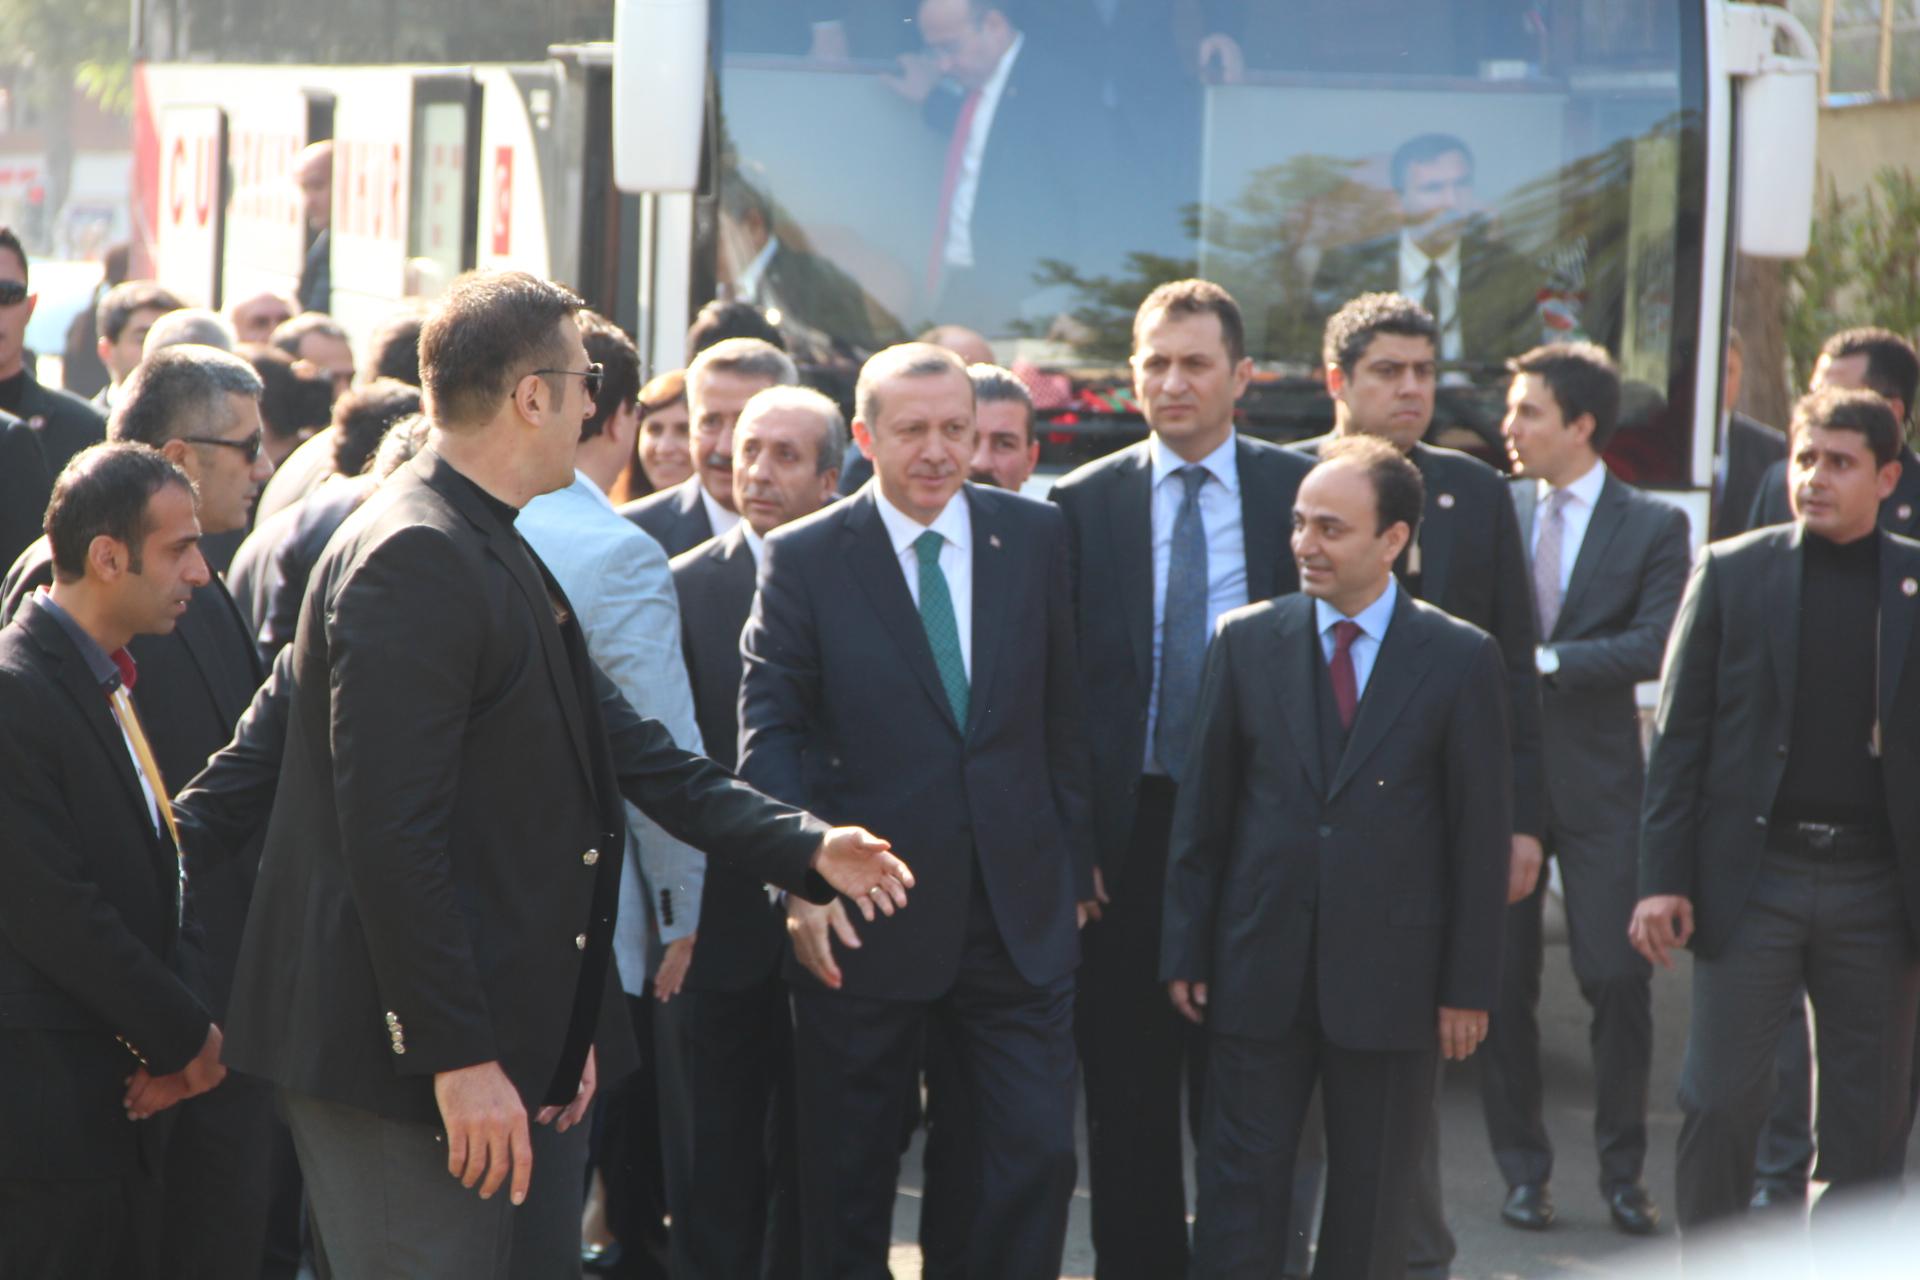 İlk defa Diyarbakır Büyükşehir Belediyesi'ni ziyaret etti.